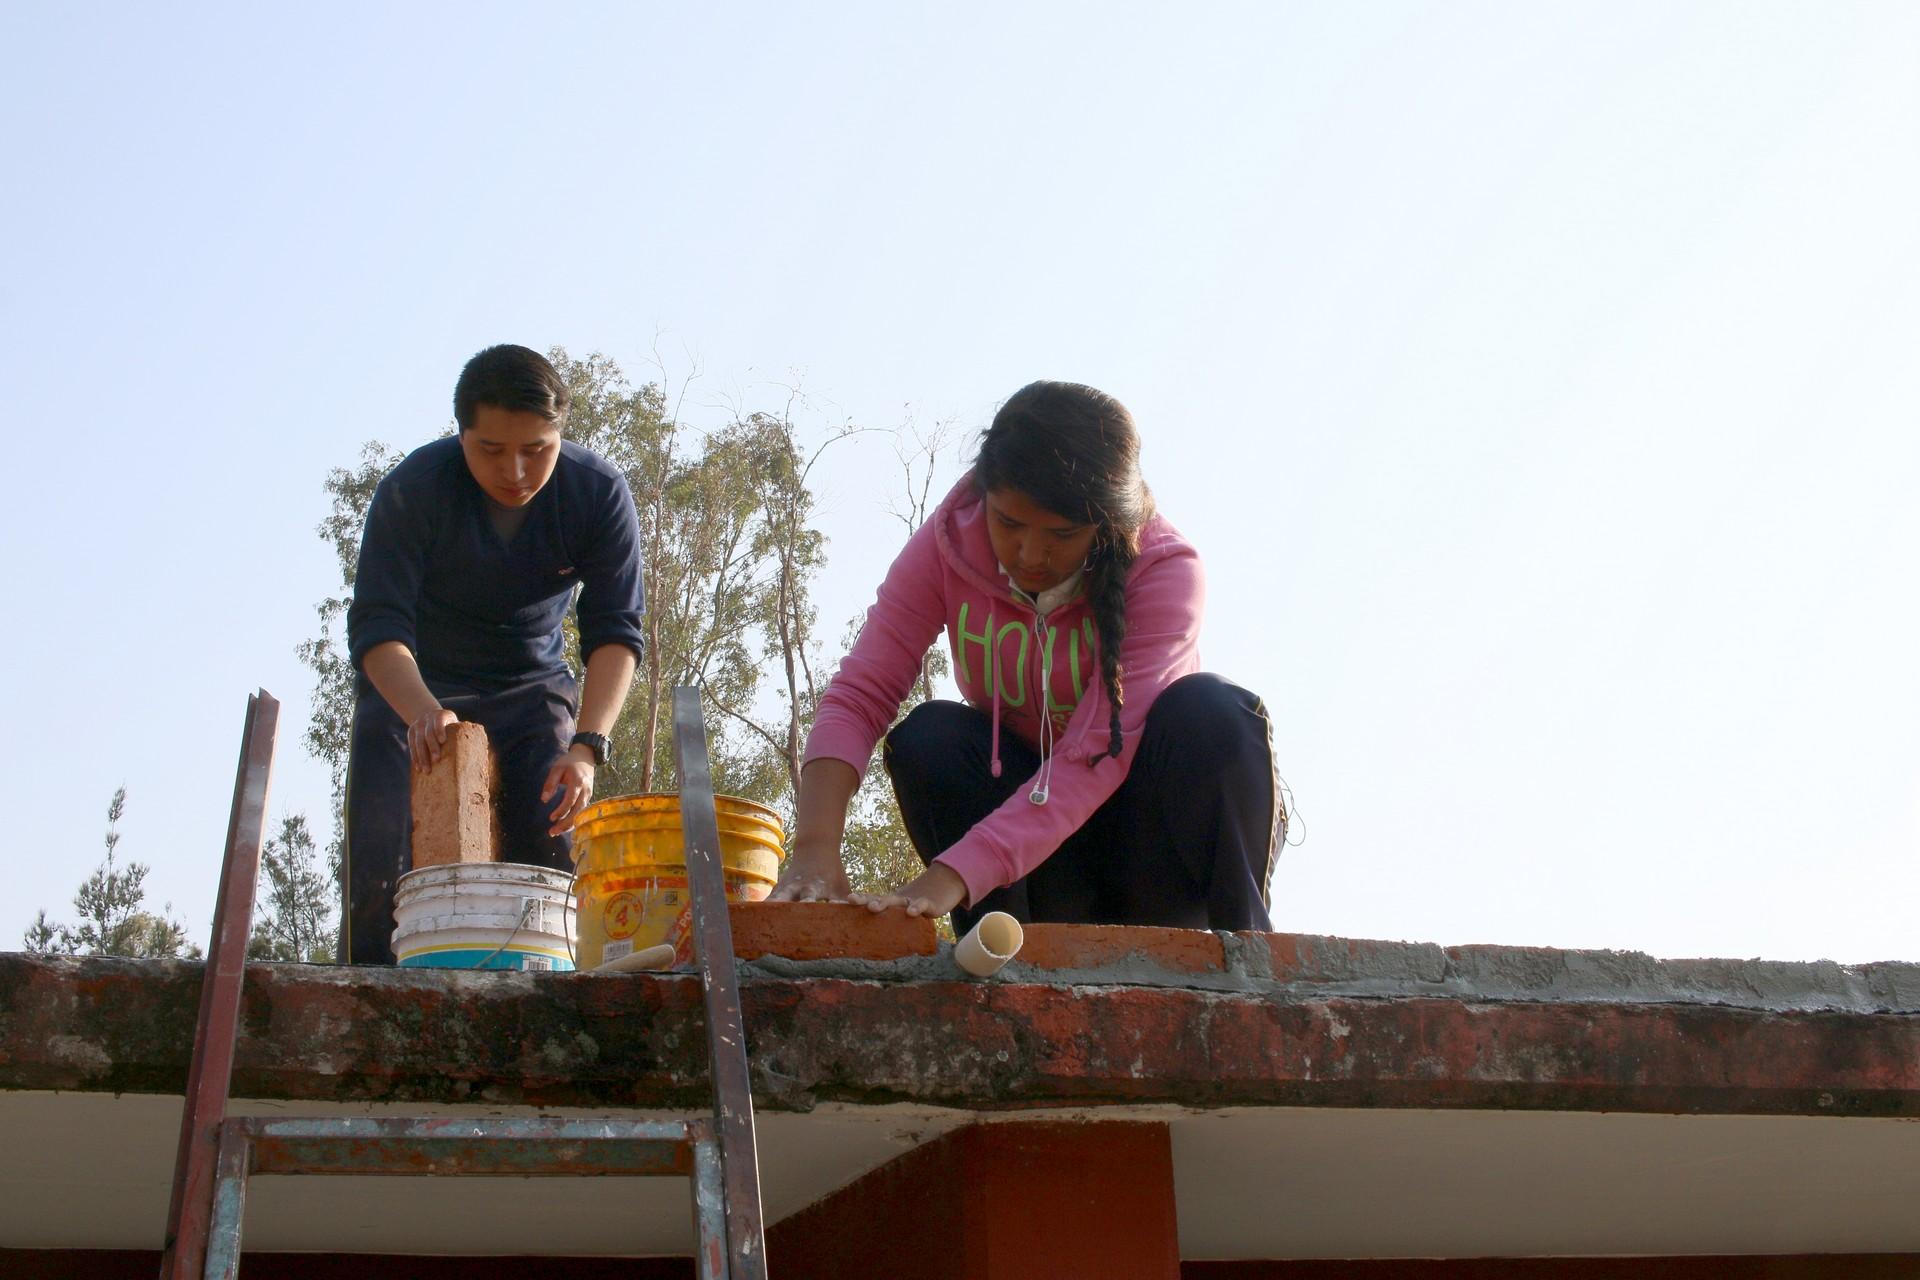 Dos estudiantes ponen ladrillos en el techo que formarán la canalización a las tuberías.